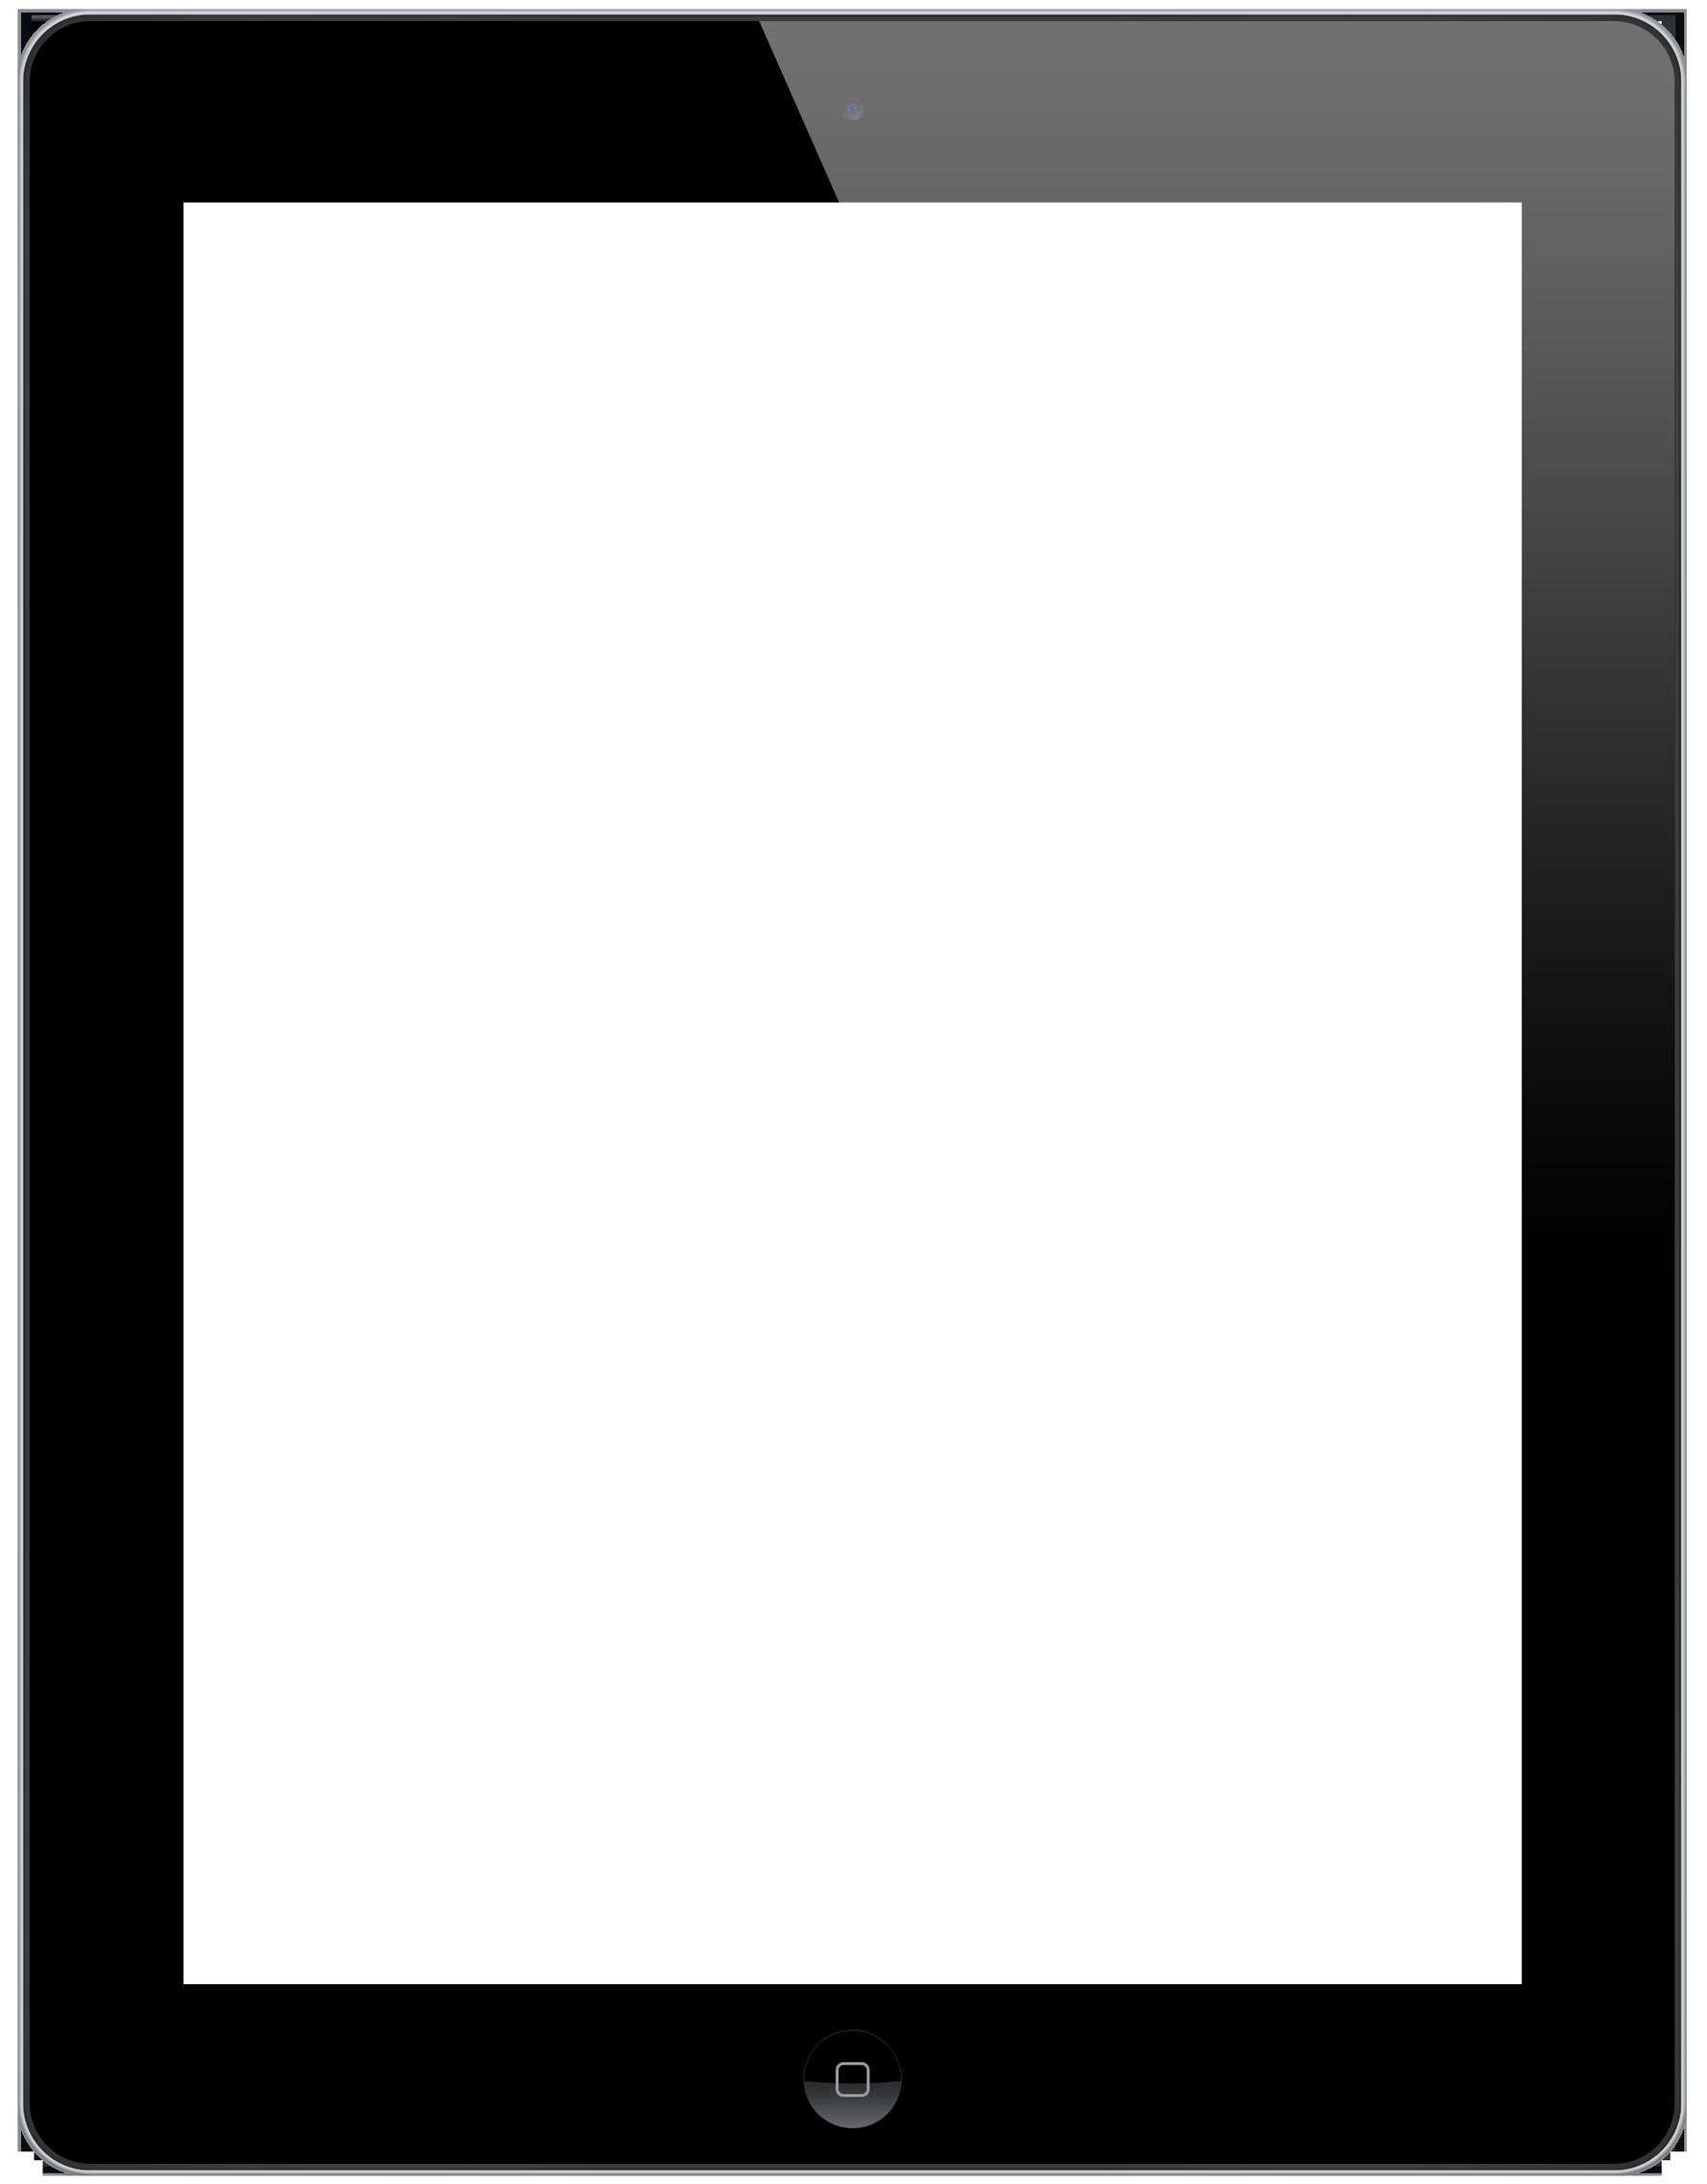 iPad PNG Transparent Image - Ipad PNG